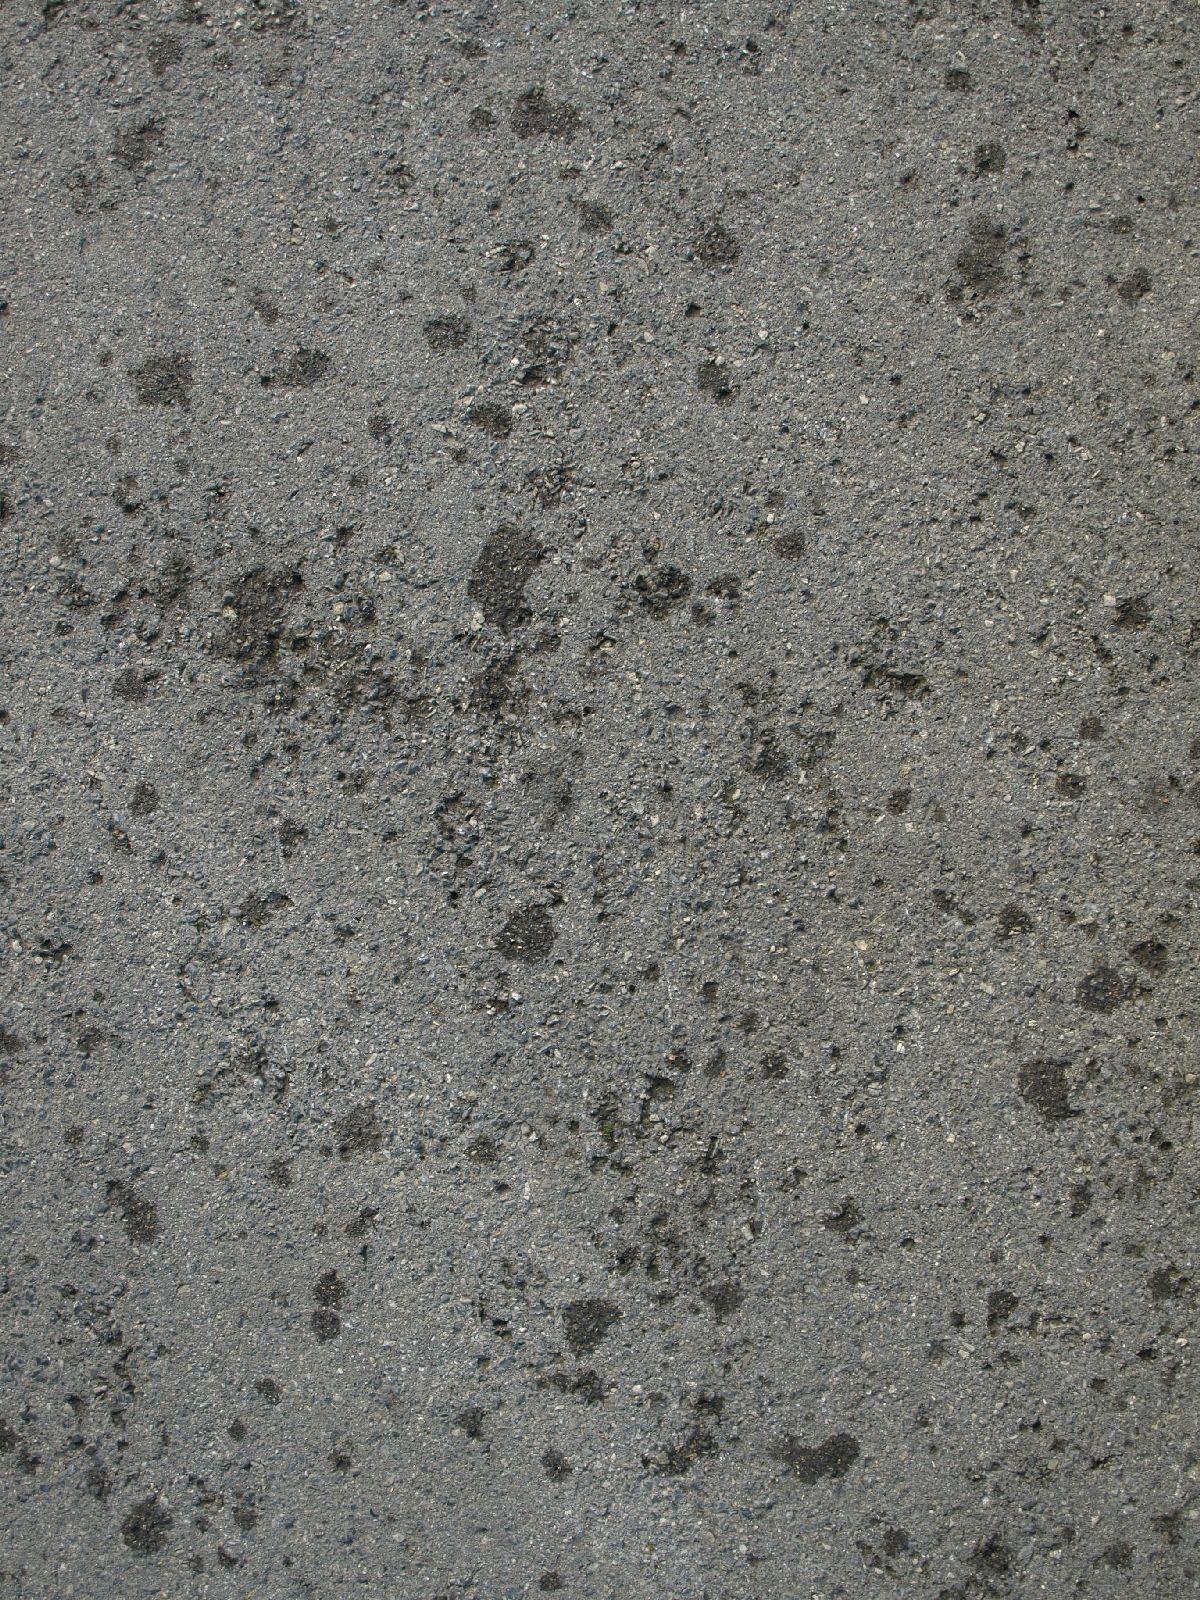 Boden-Gehweg-Strasse-Buergersteig-Textur_A_P8234618